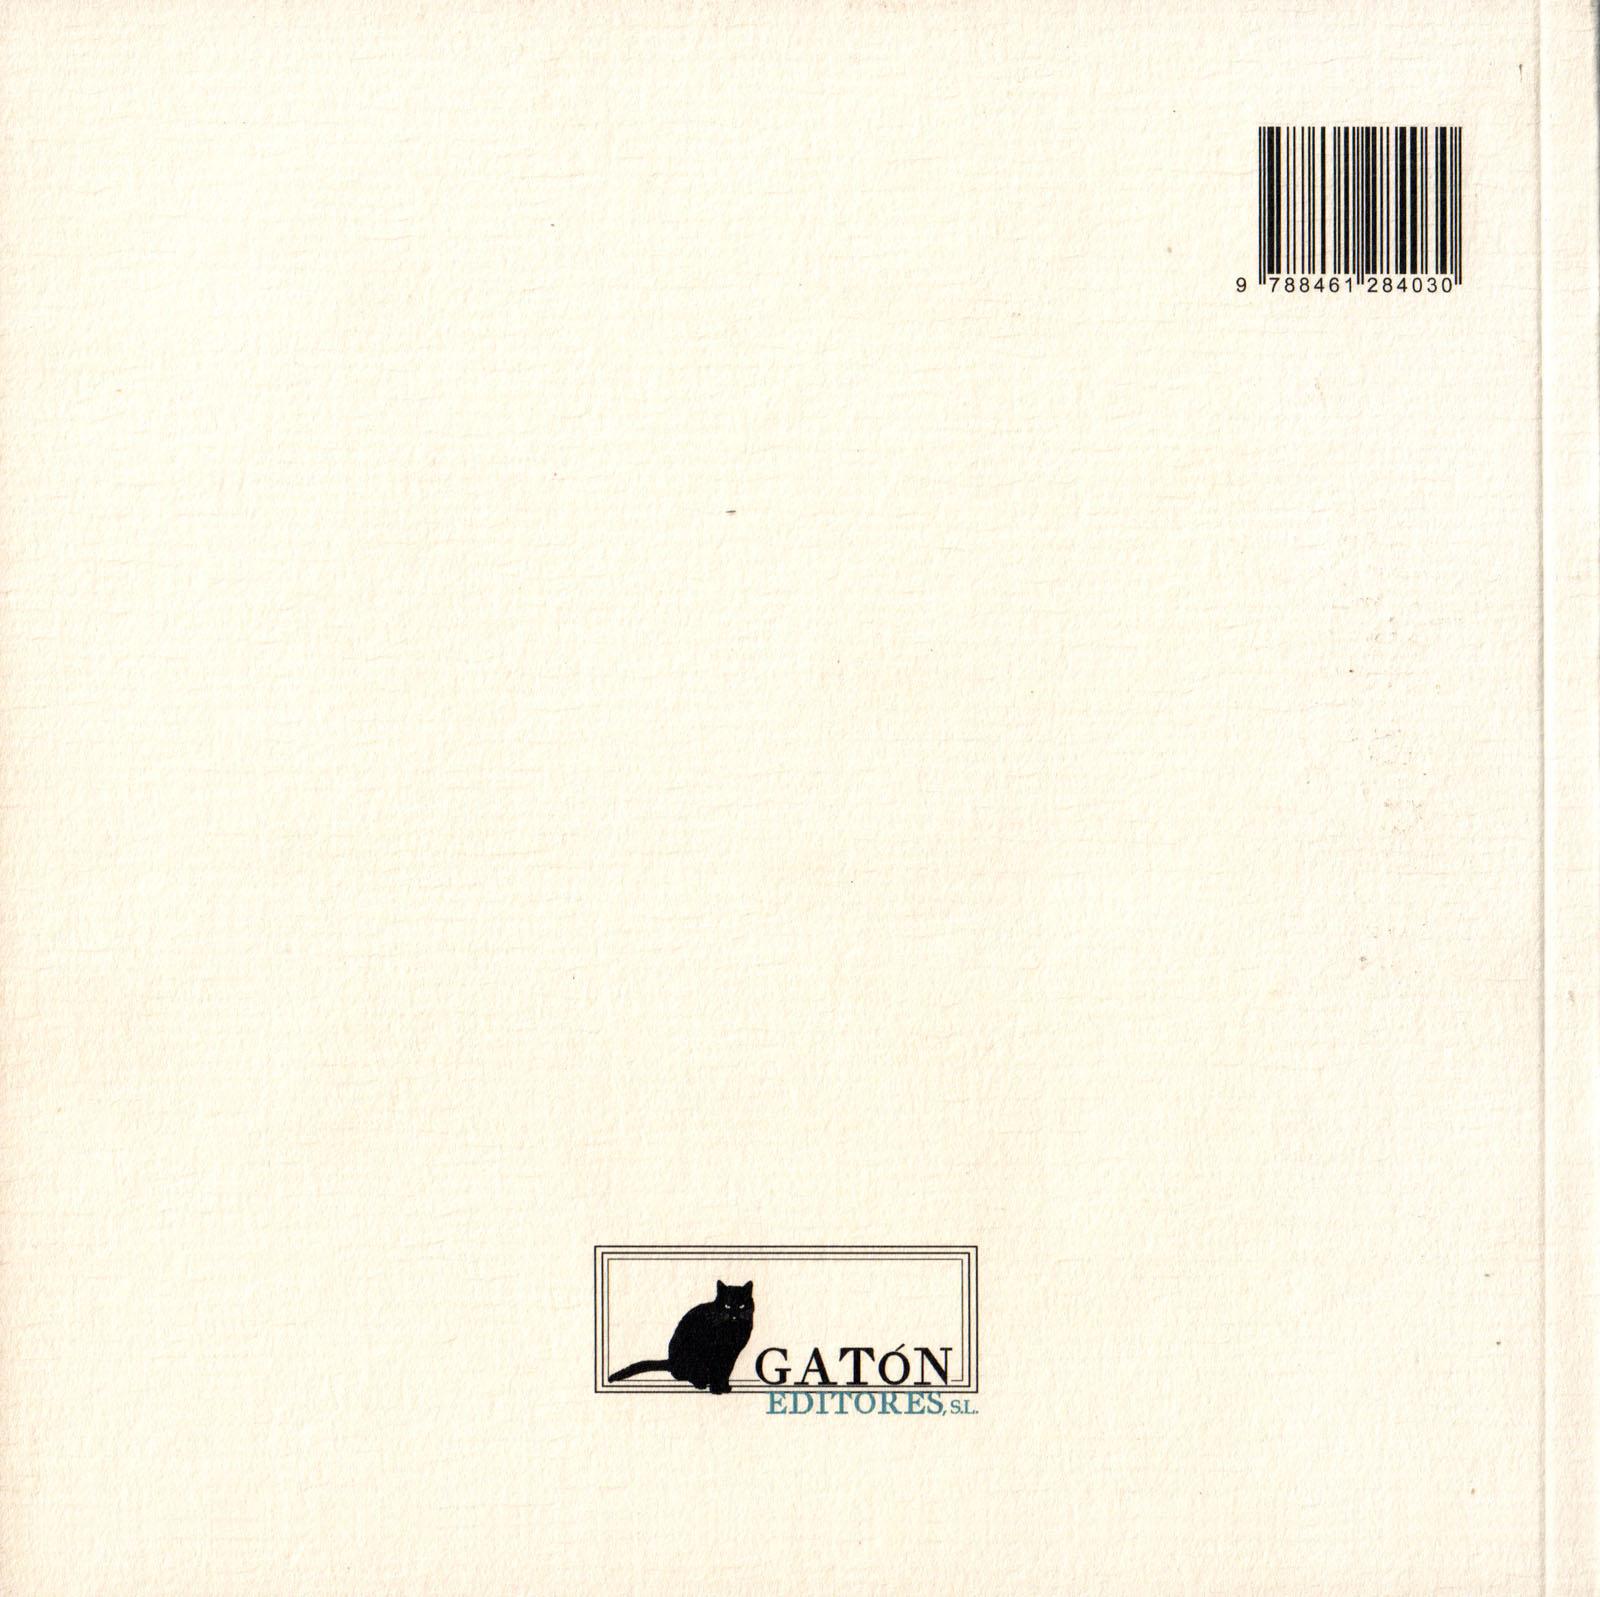 danielvillalobos-calderonsamaniego-shortnovel-spanishliterature-31